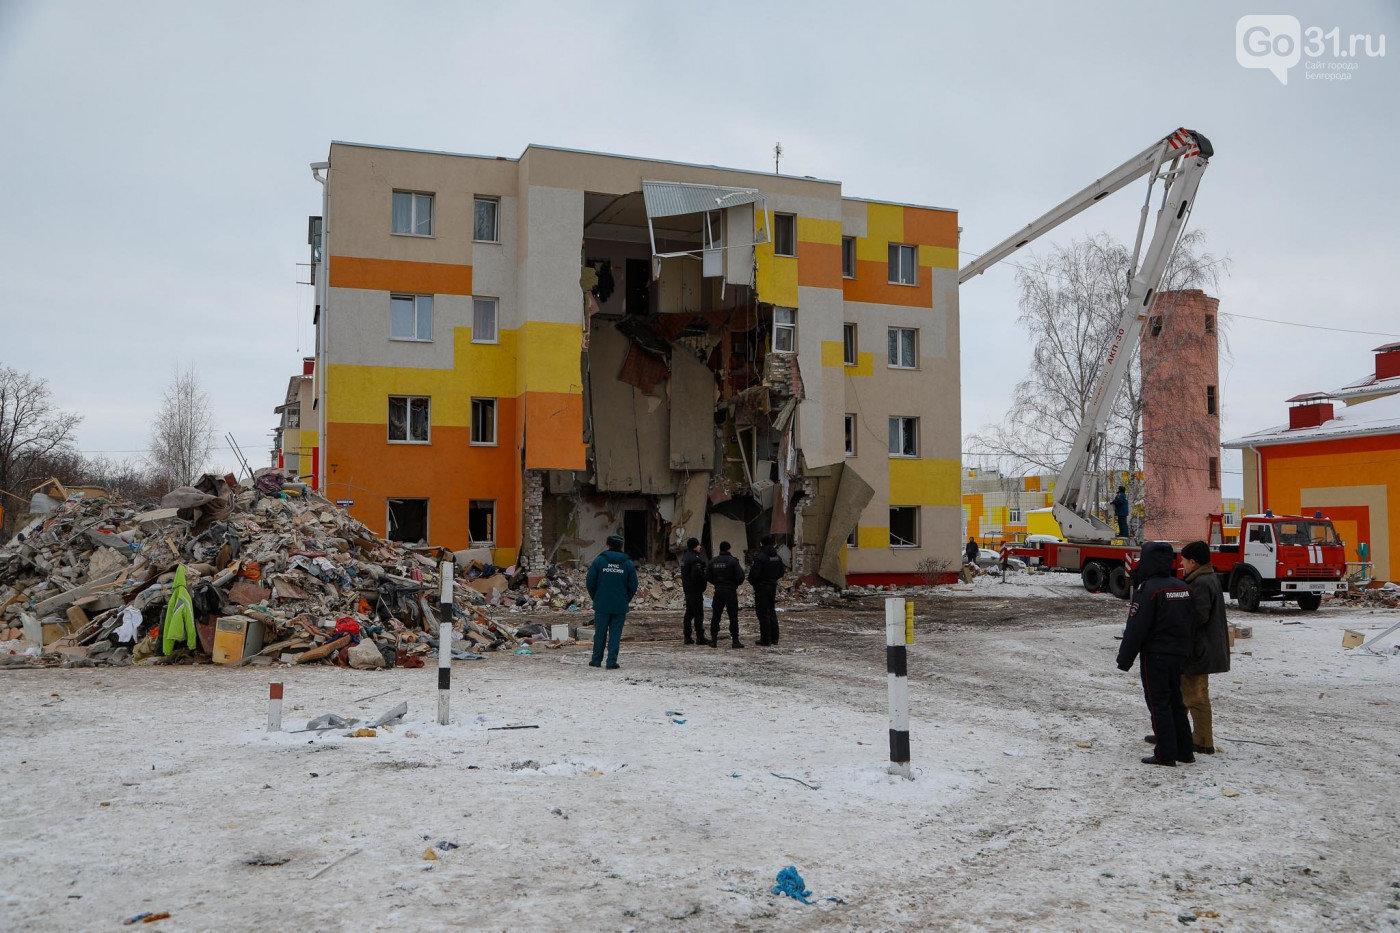 Взрыв газа, убитый младенец и пьяный росгвардеец за рулём. Белгород трагический — 2019, фото-1